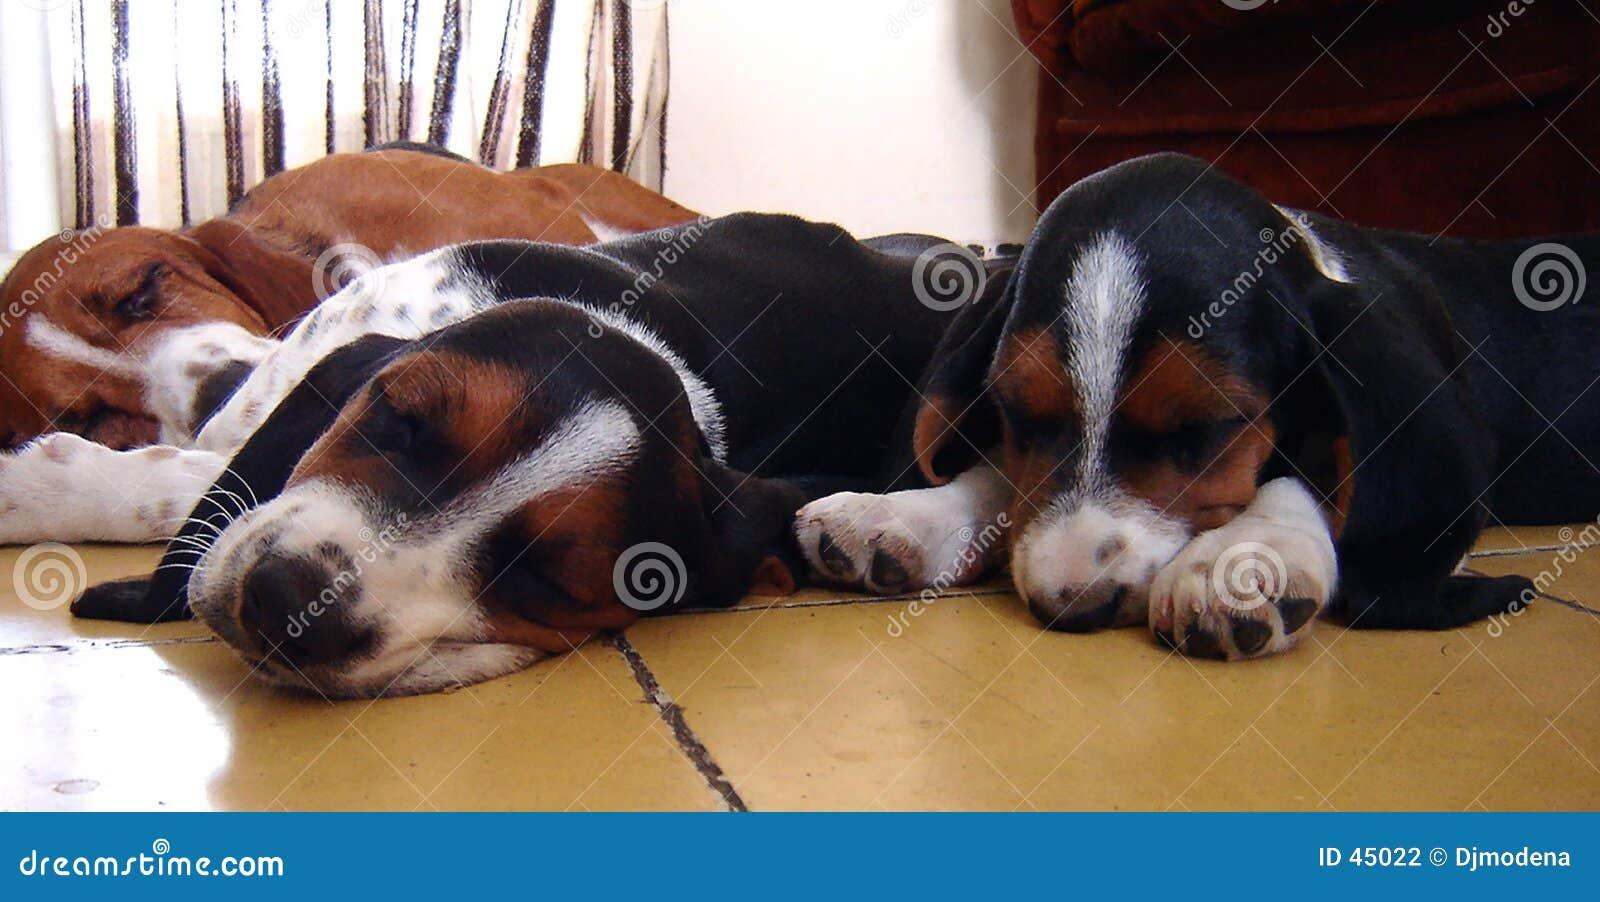 Basetów pies sleepping psów